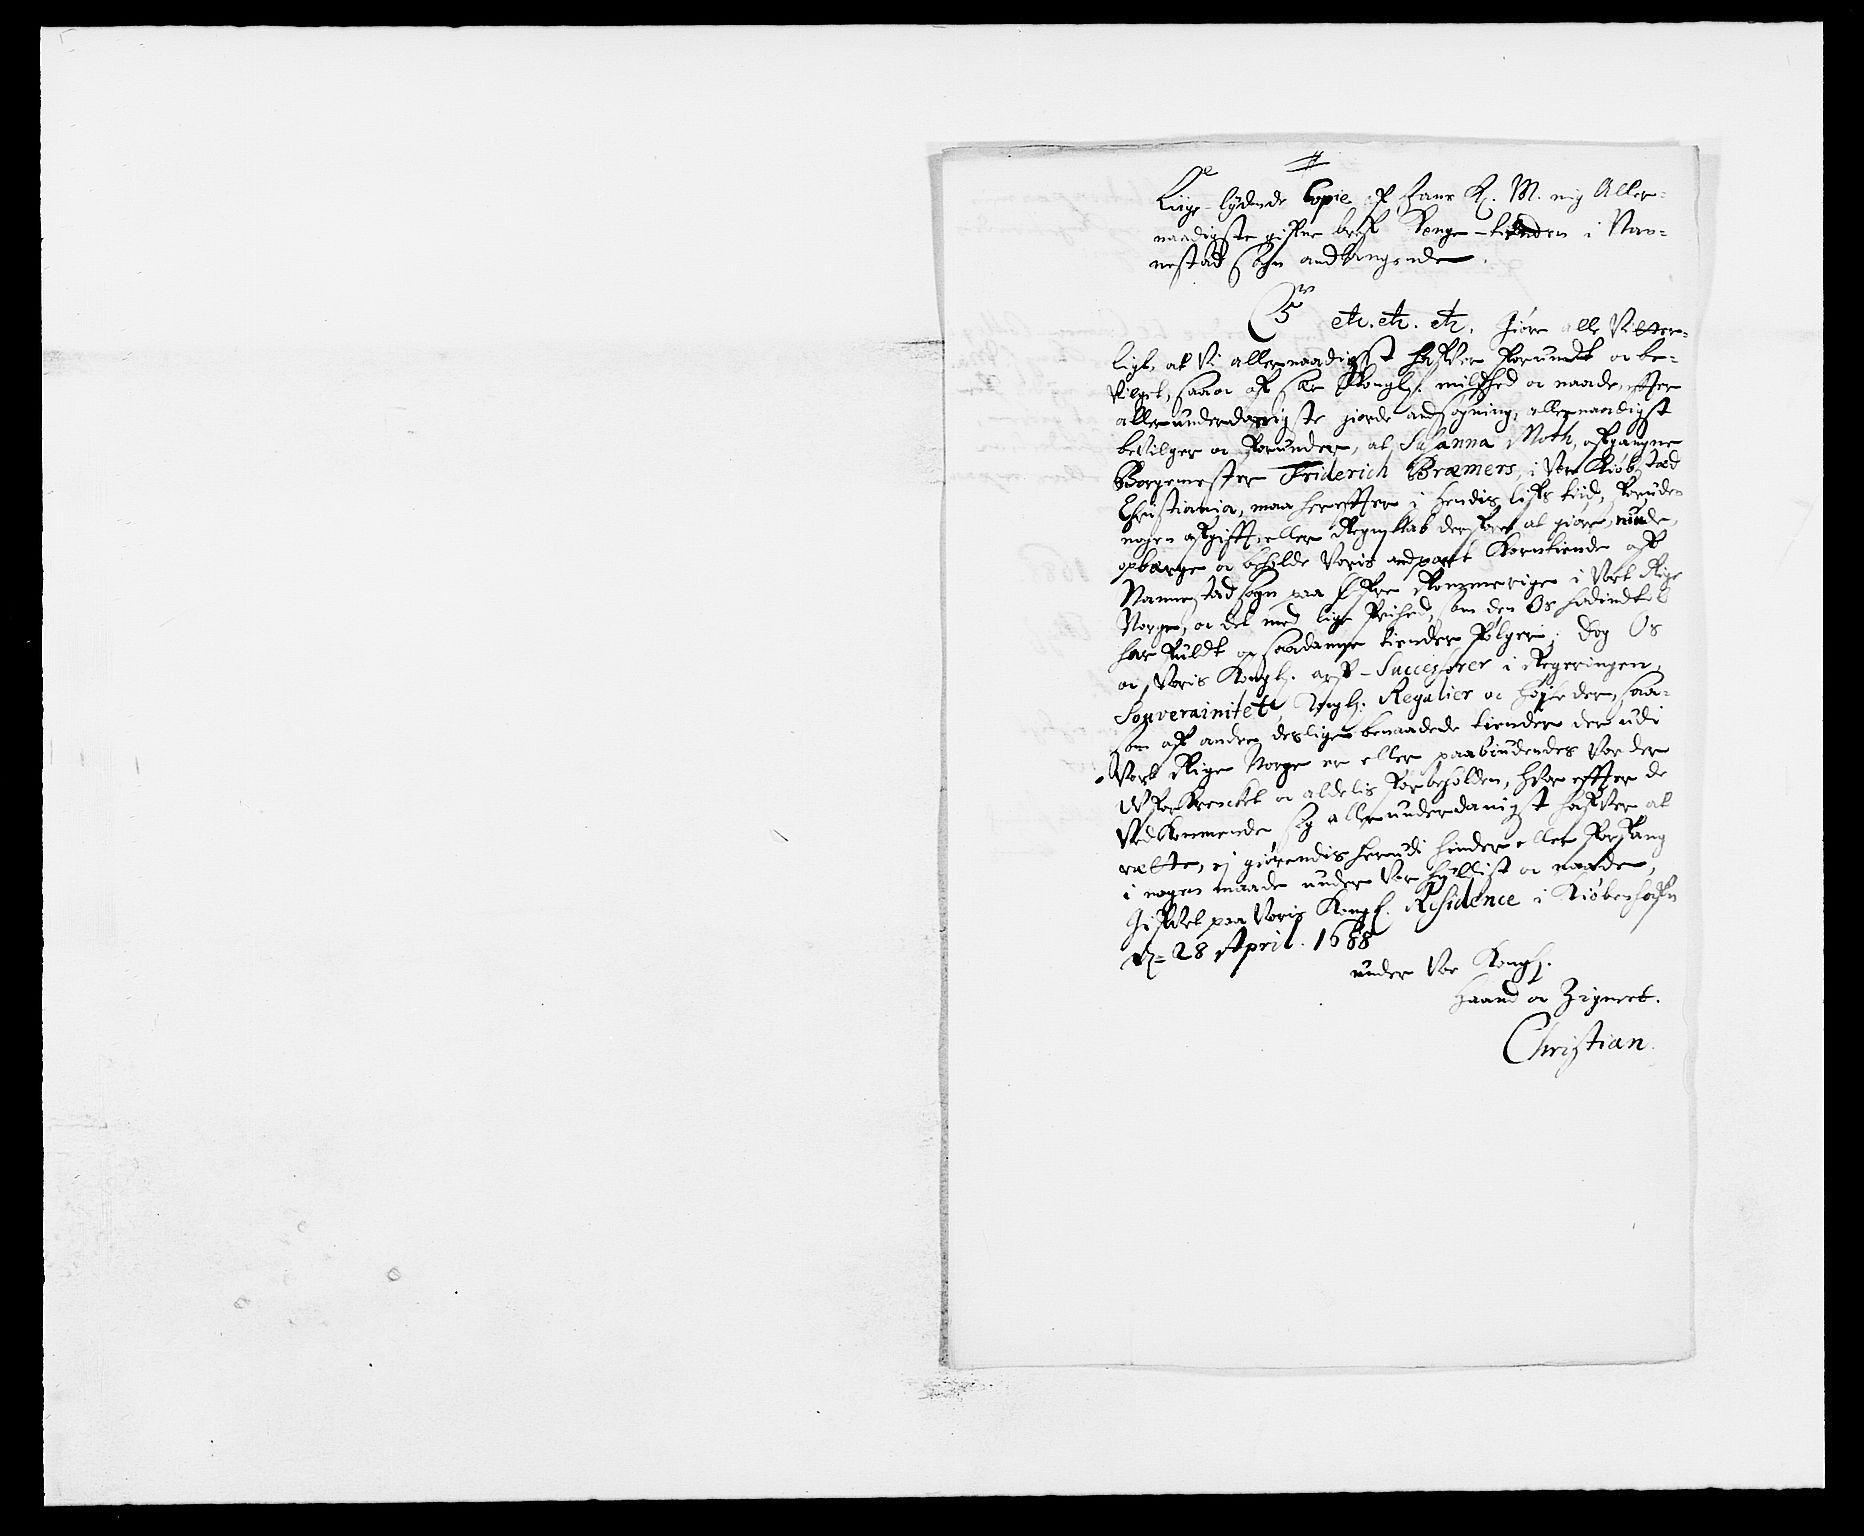 RA, Rentekammeret inntil 1814, Reviderte regnskaper, Fogderegnskap, R12/L0700: Fogderegnskap Øvre Romerike, 1687-1688, s. 441